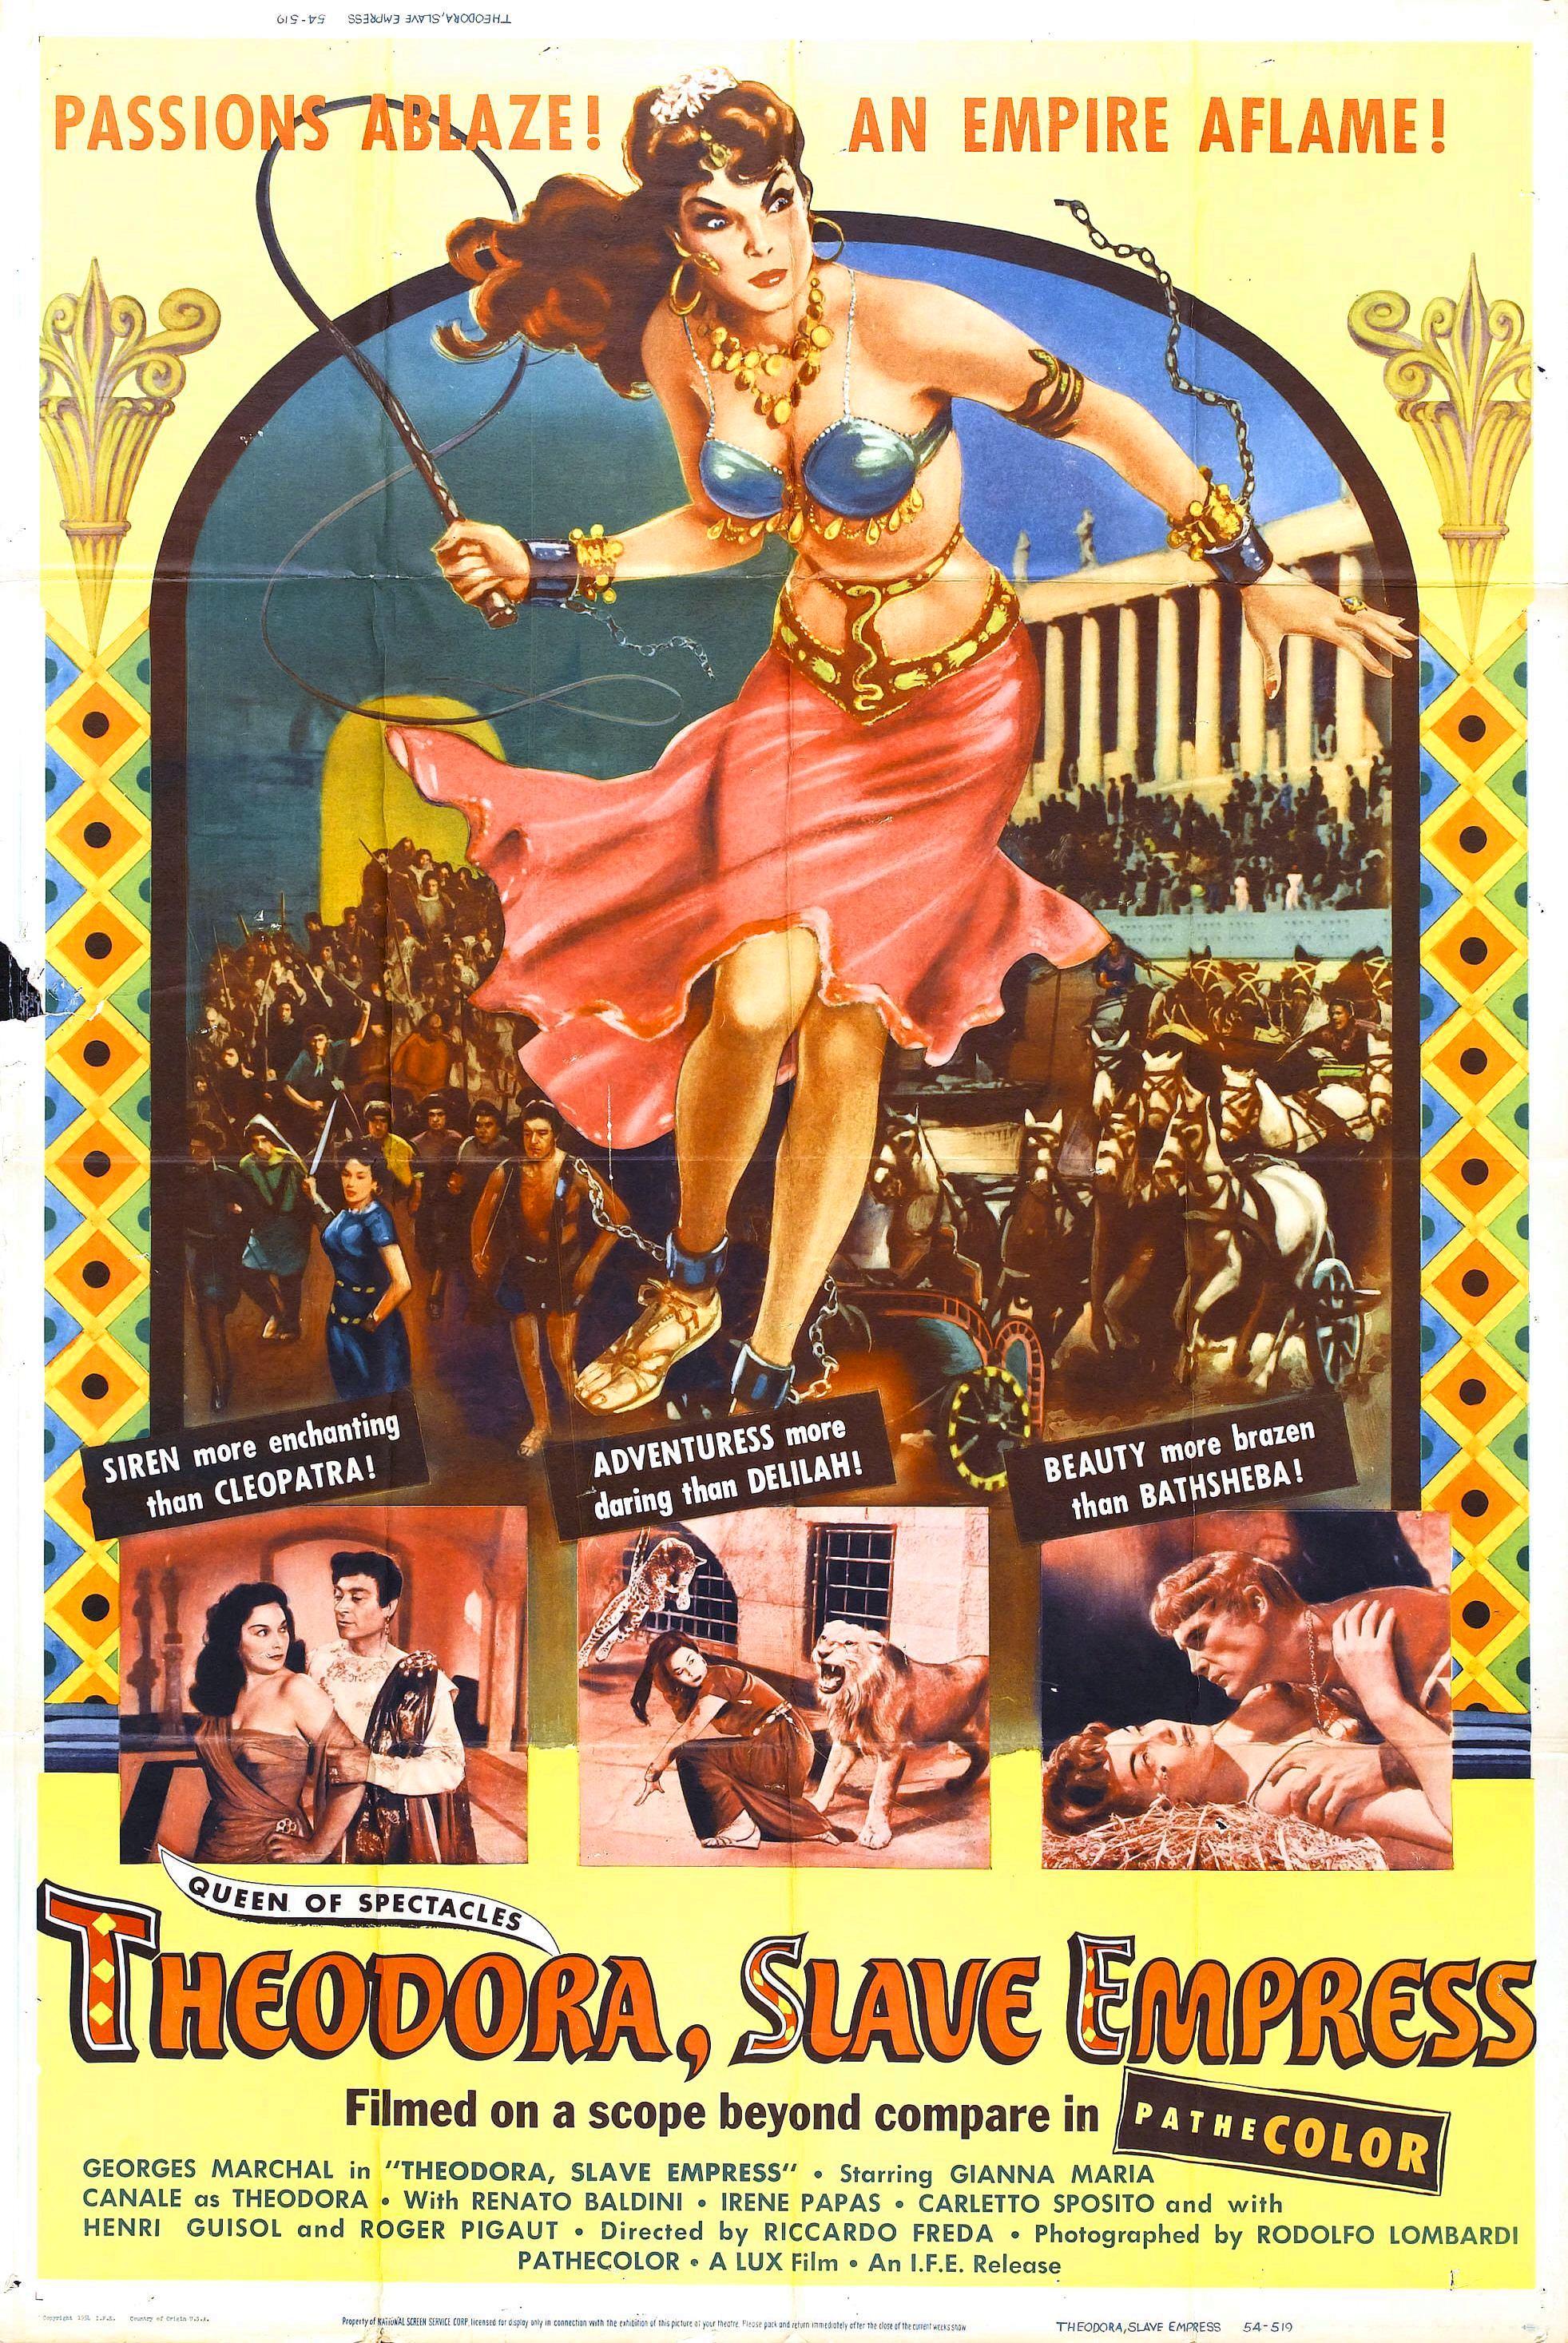 Theodora, Slave Empress (1954)